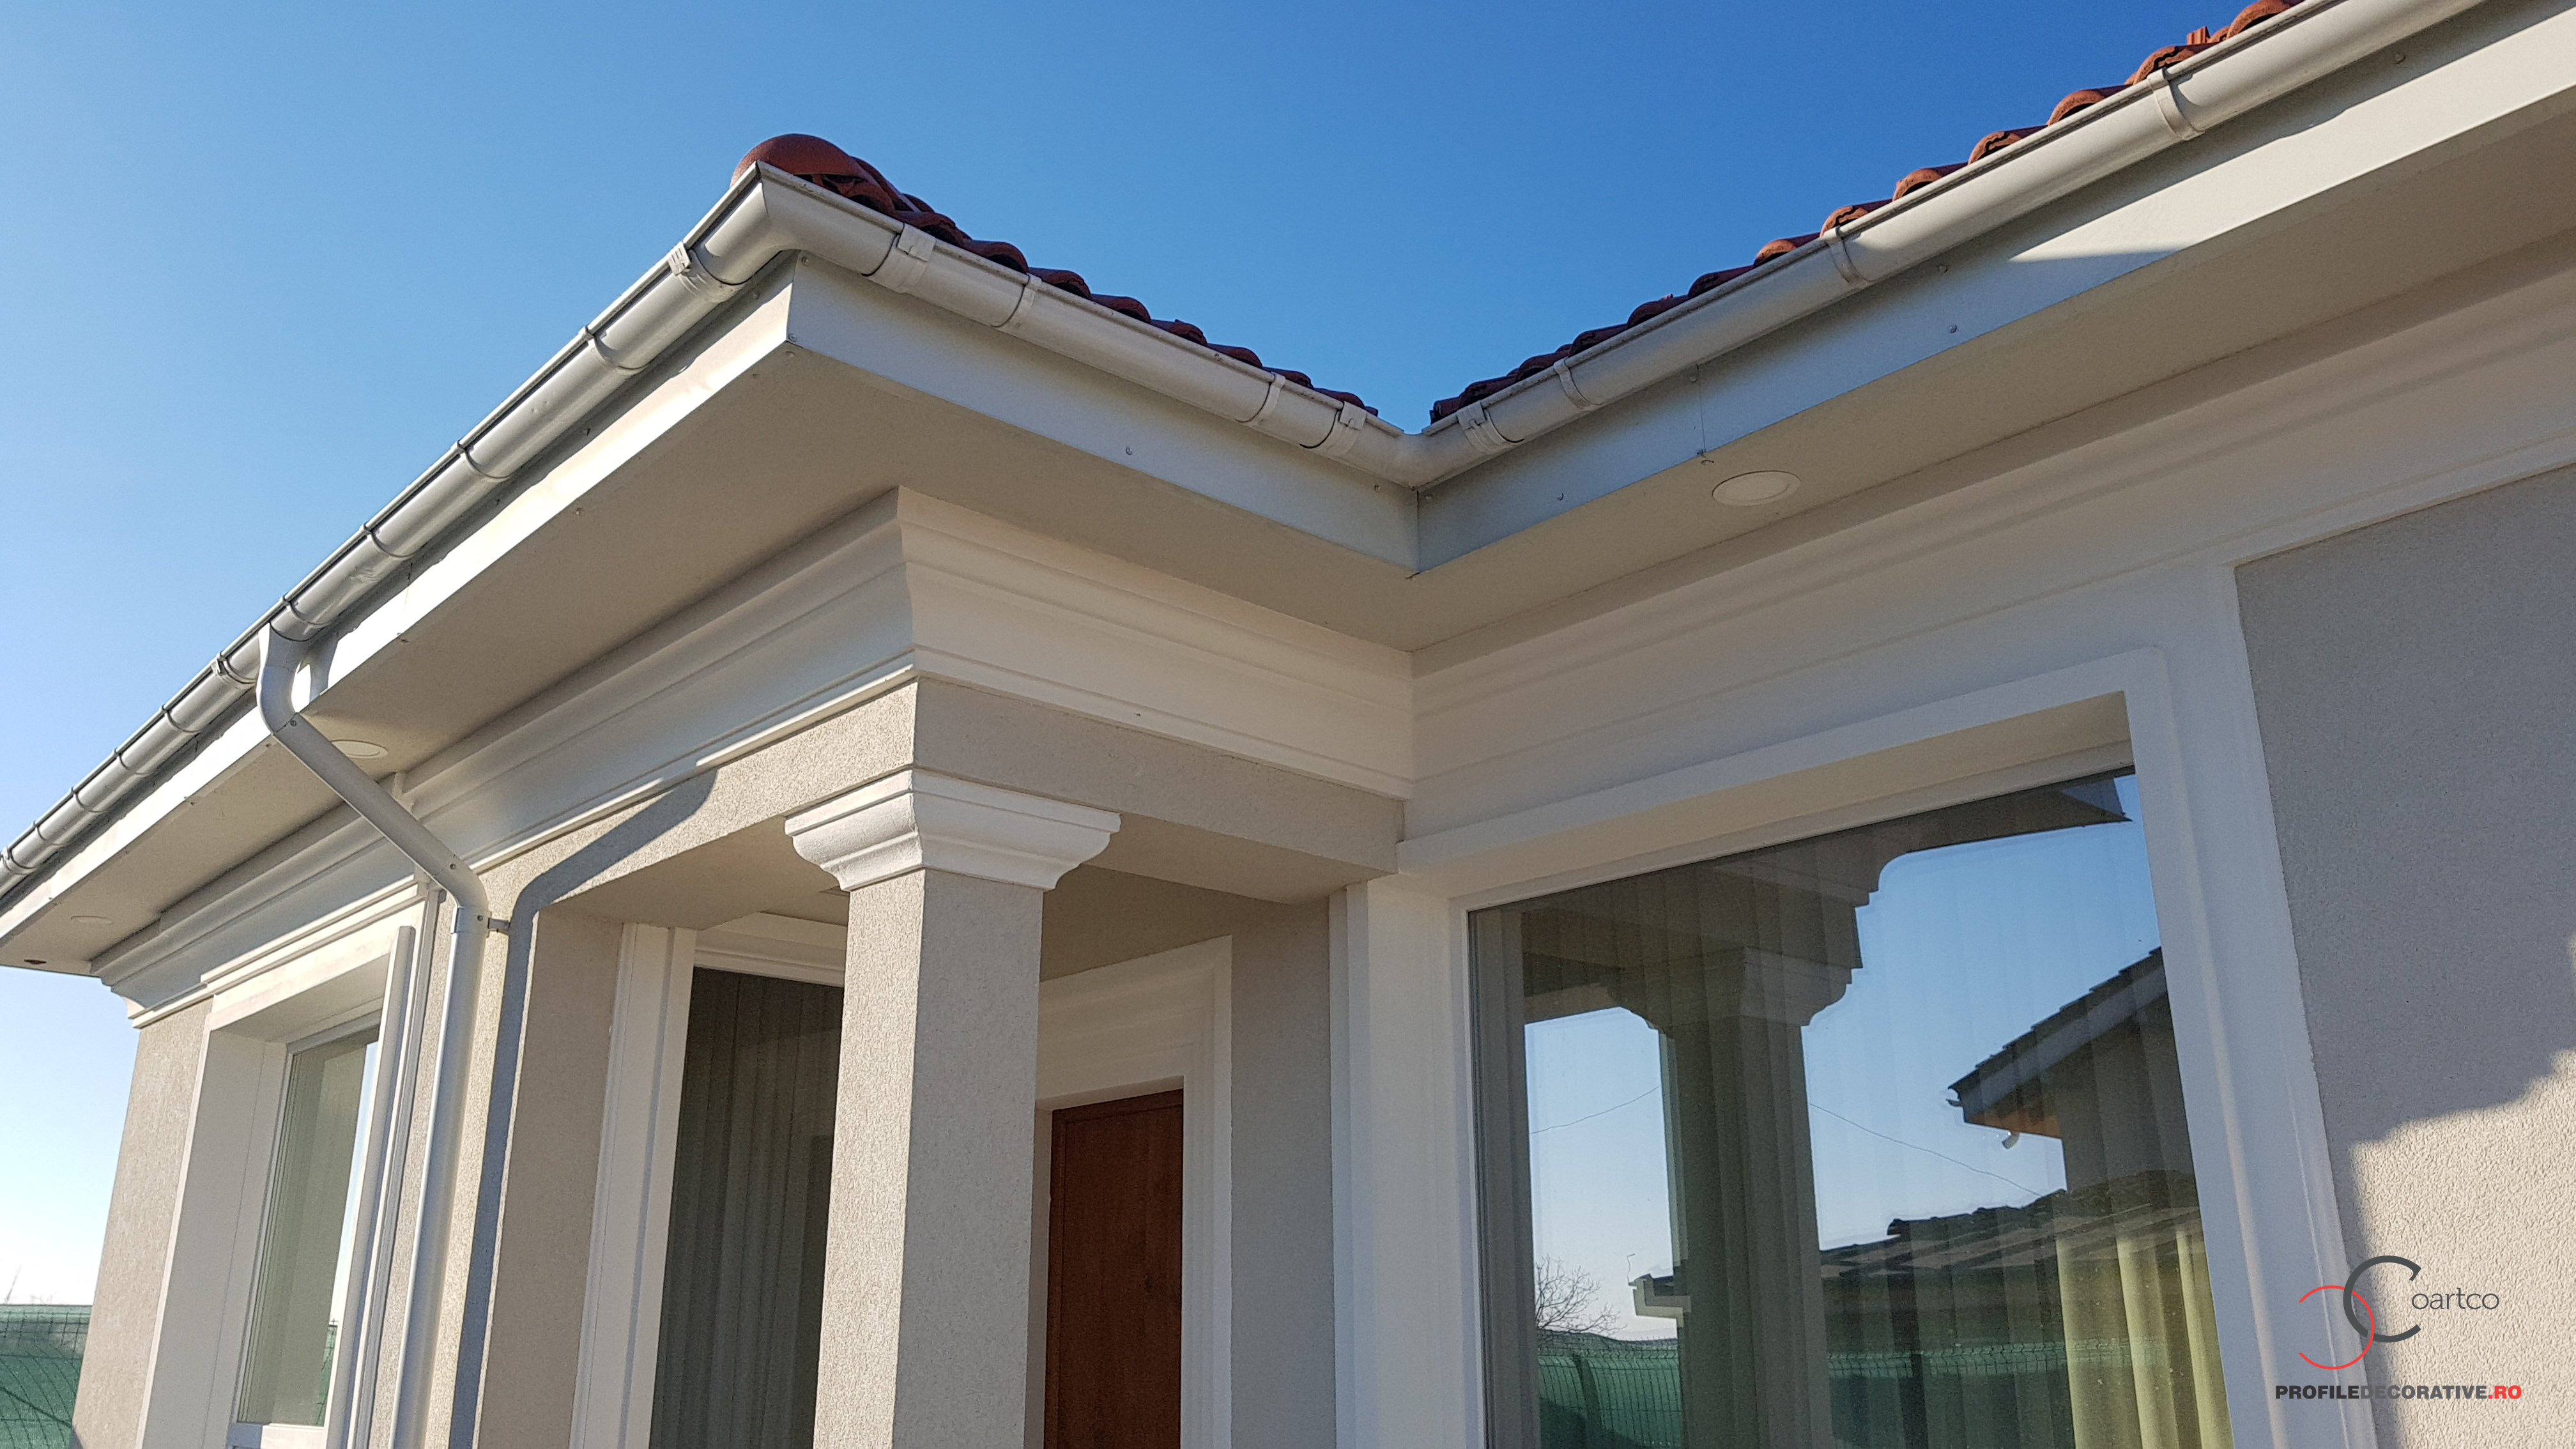 Pret elemente arhitecturale pentru fatada casa, localitatea corbeanca